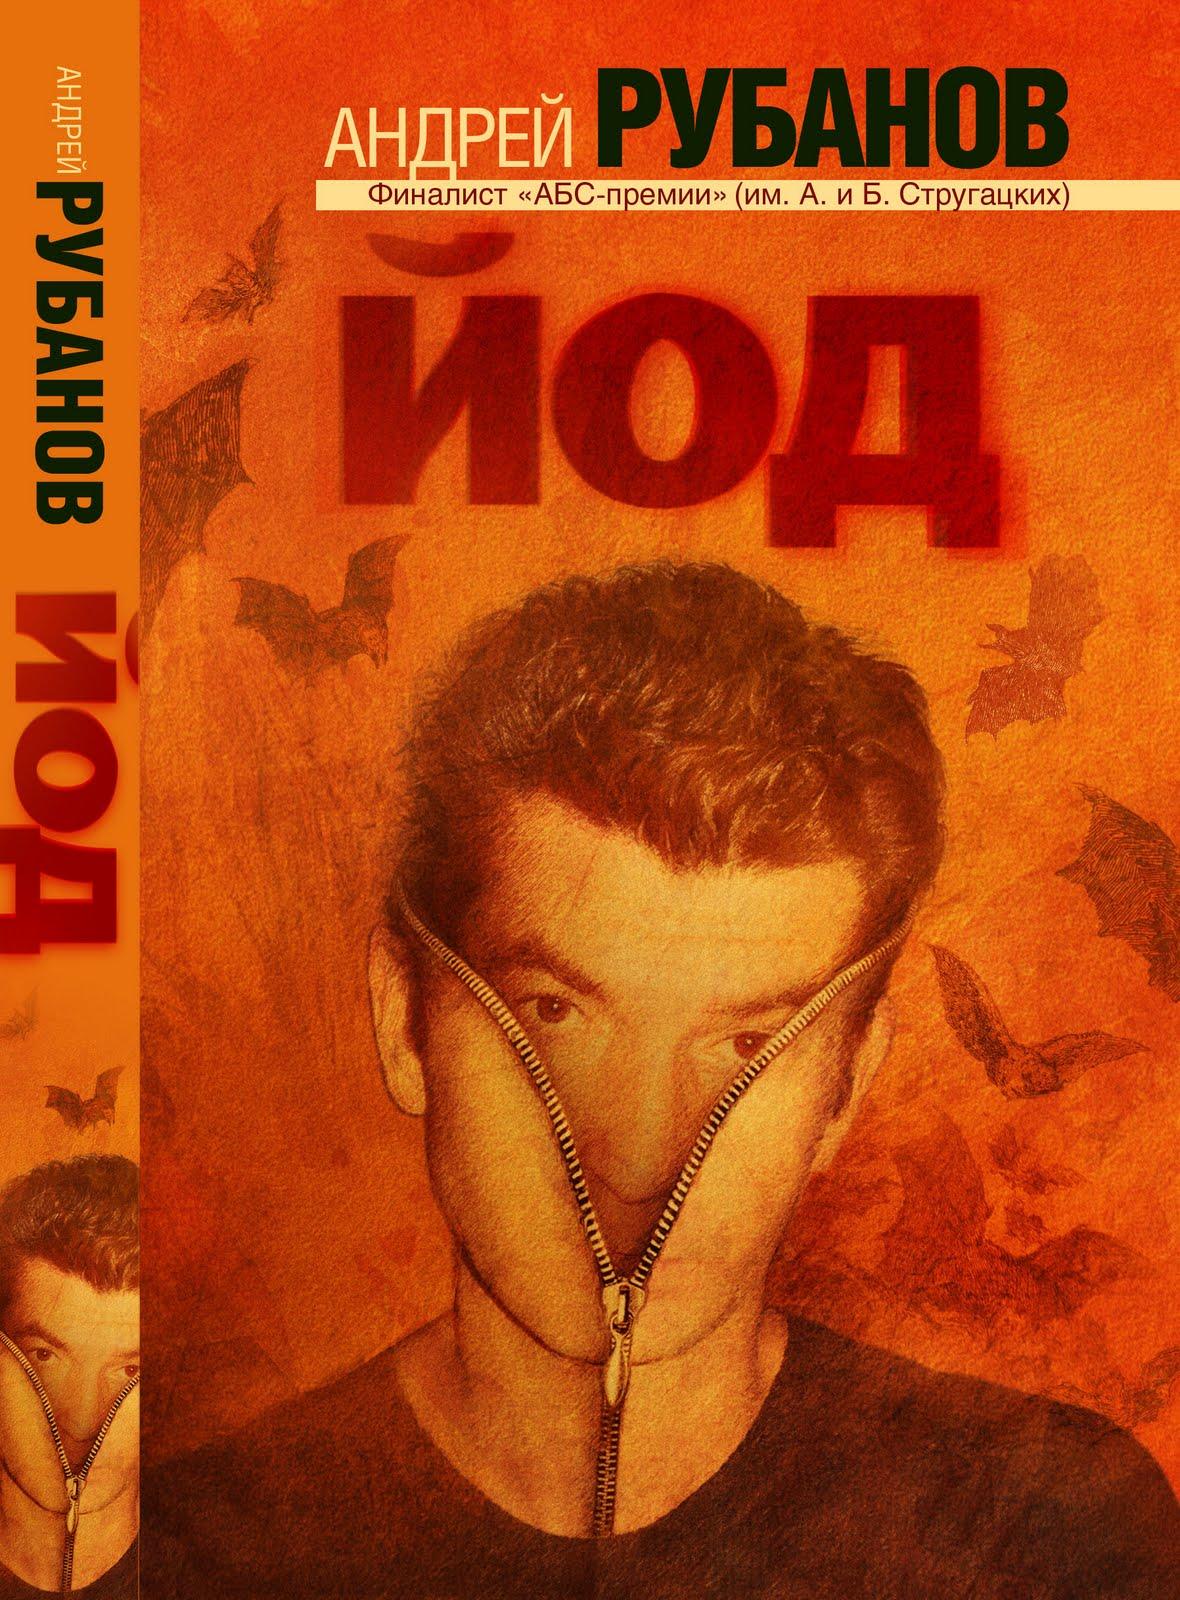 Андрей Рубанов - Сажайте, и вырастет читать онлайн 18